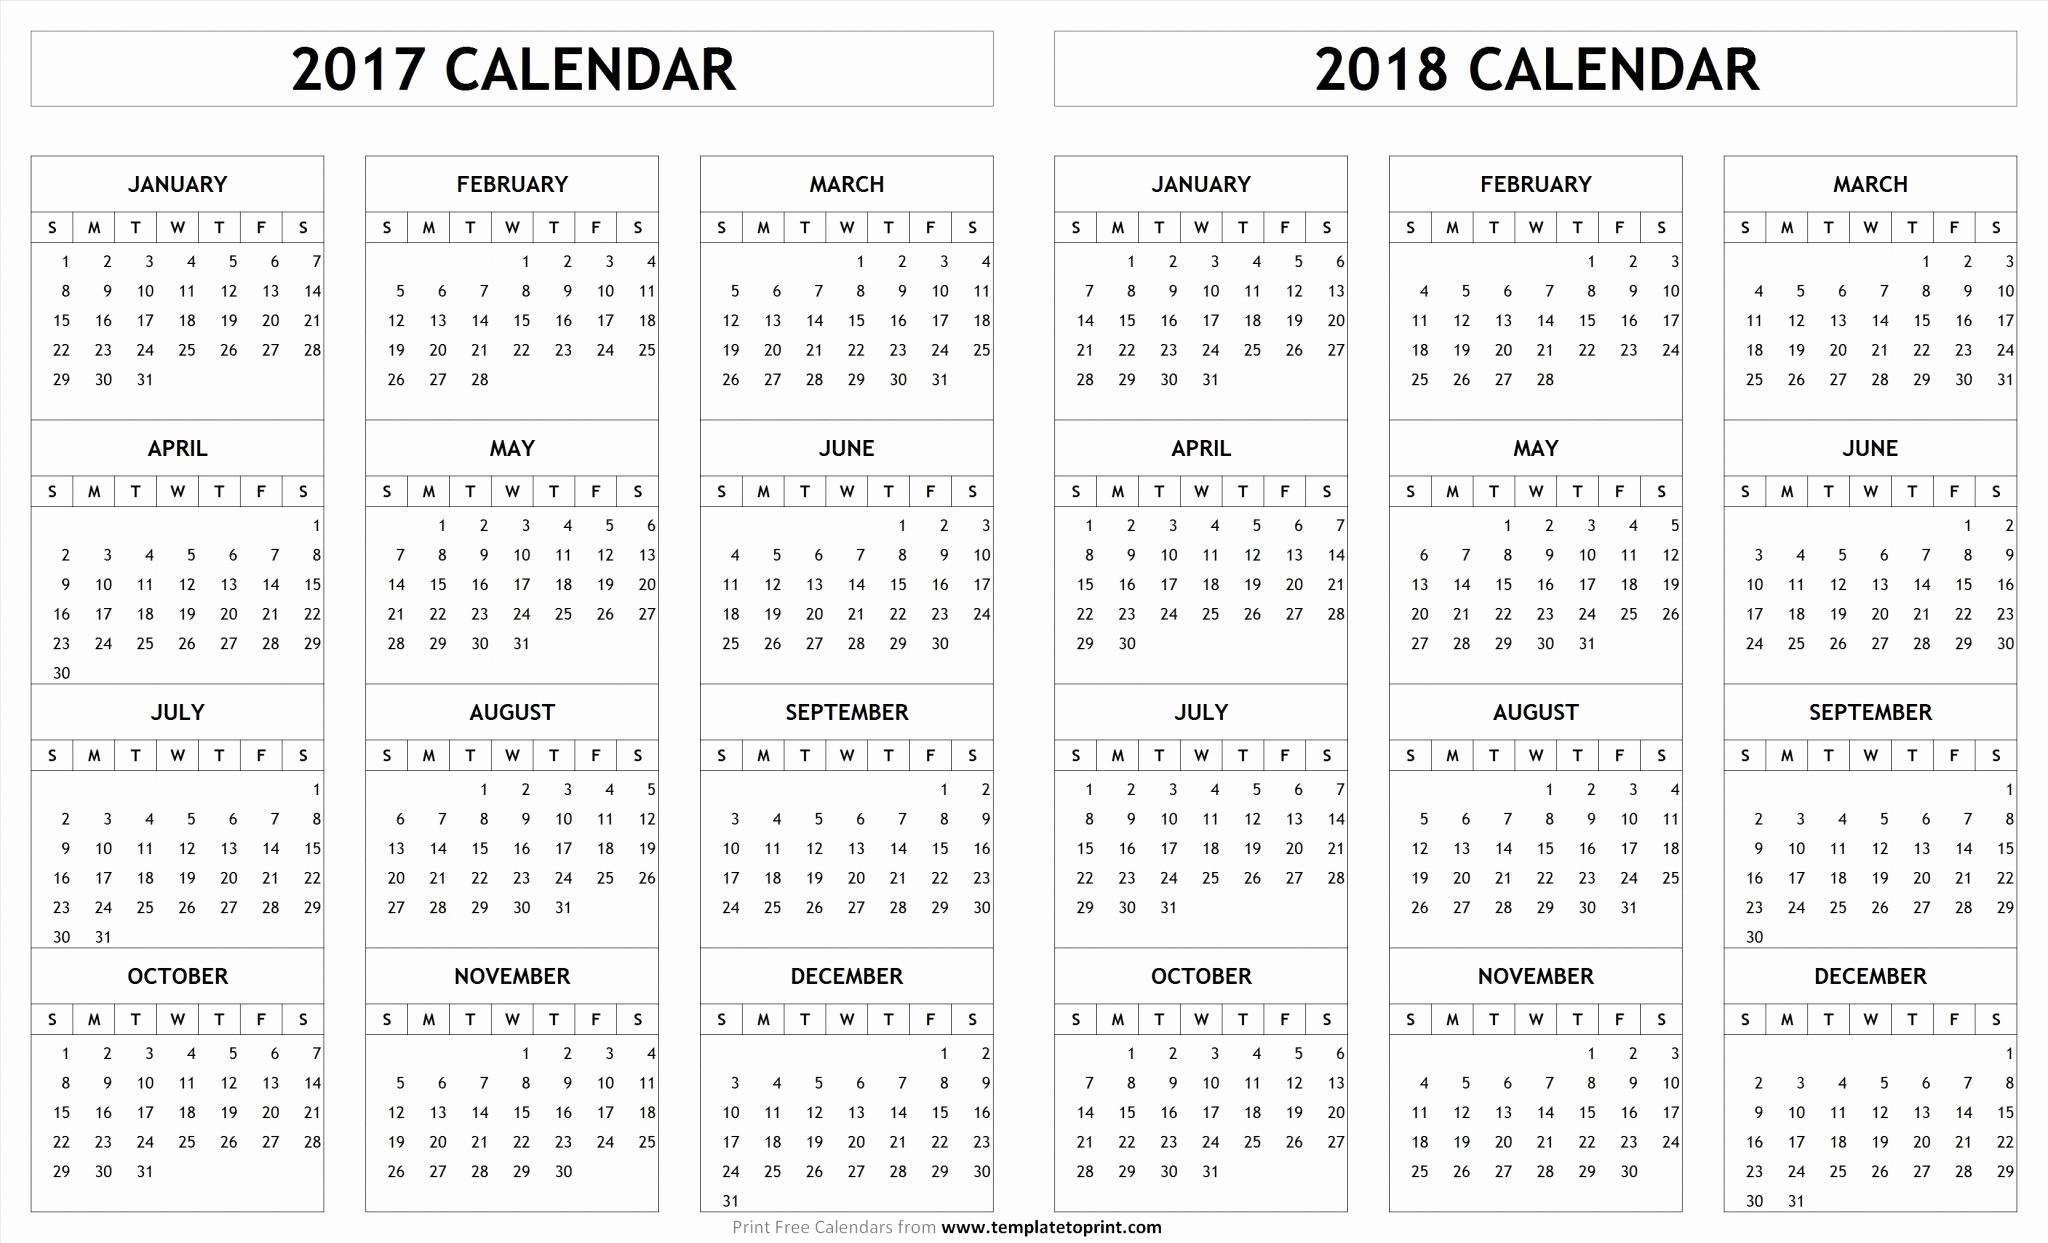 Calendar 2018 Printable with Holidays Awesome 2018 Calendar Pdf